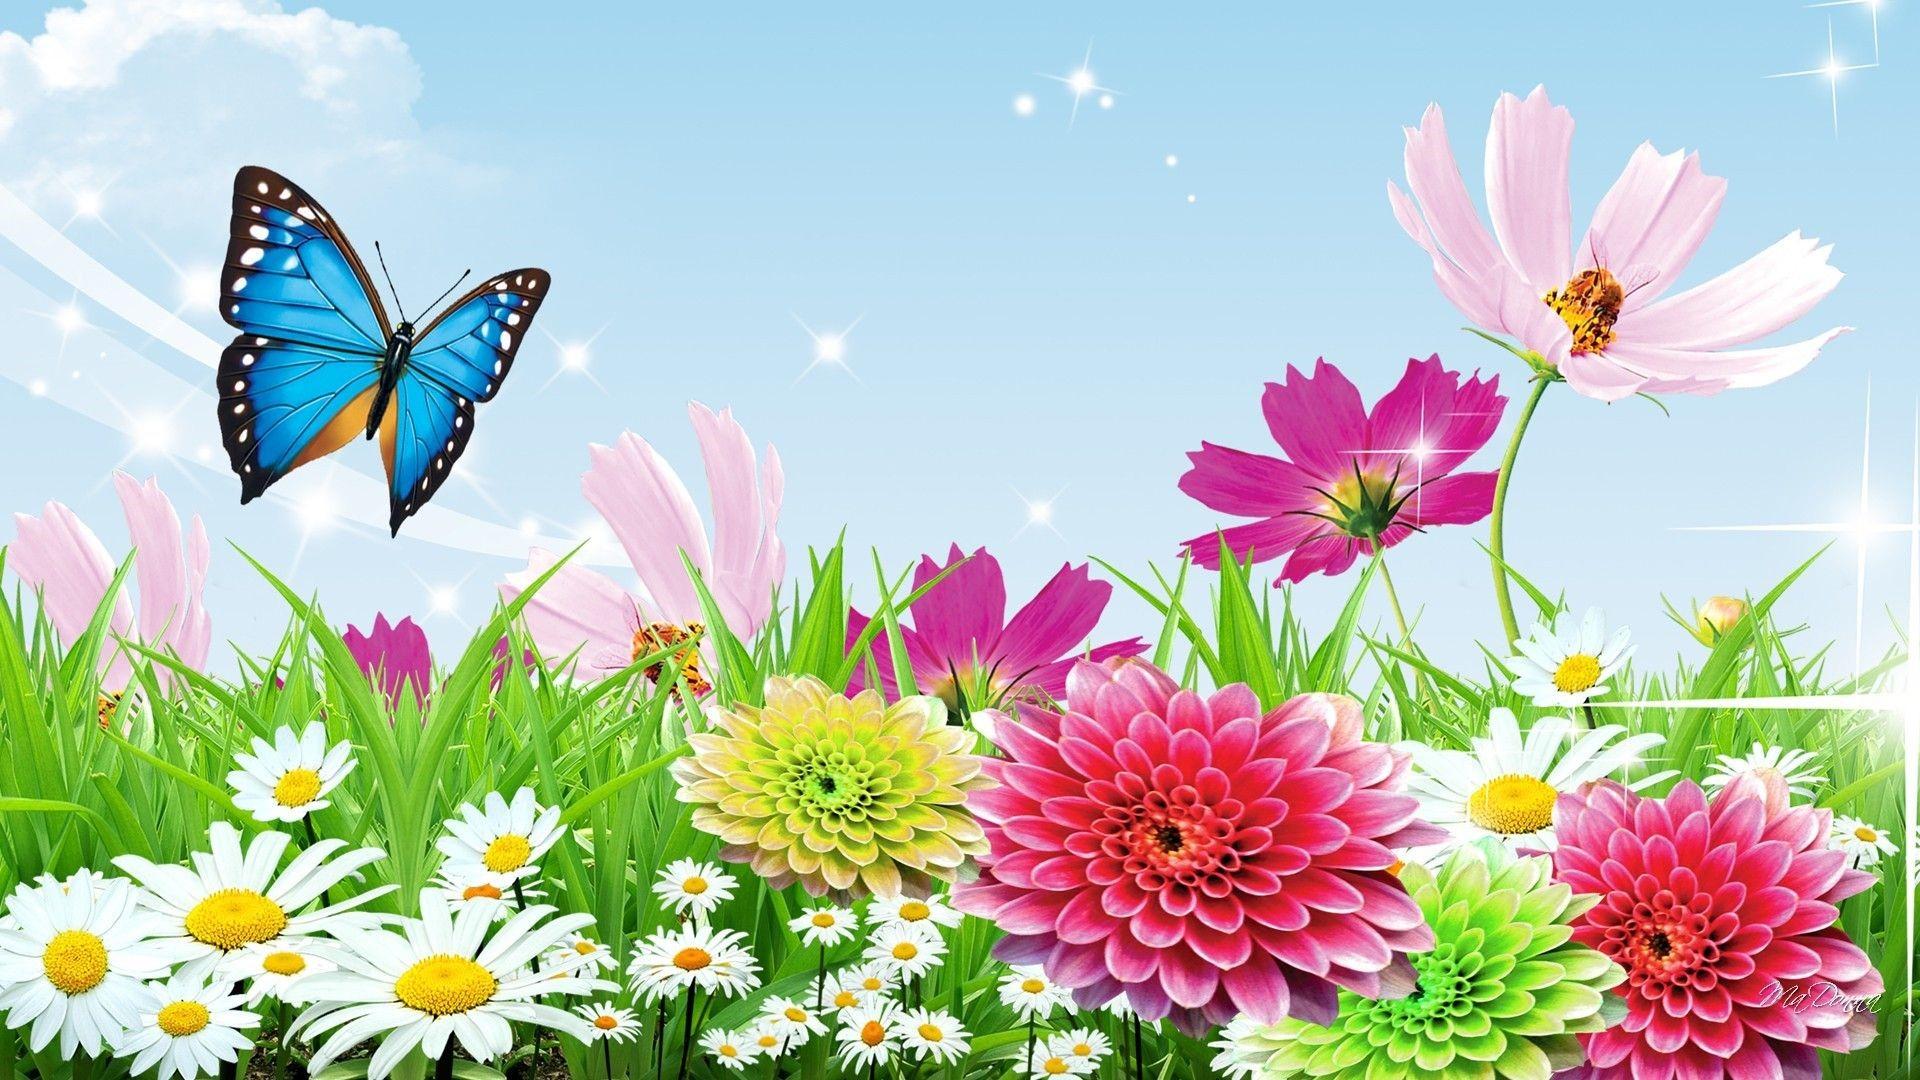 Butterfly Garden 1080p Wallpapers